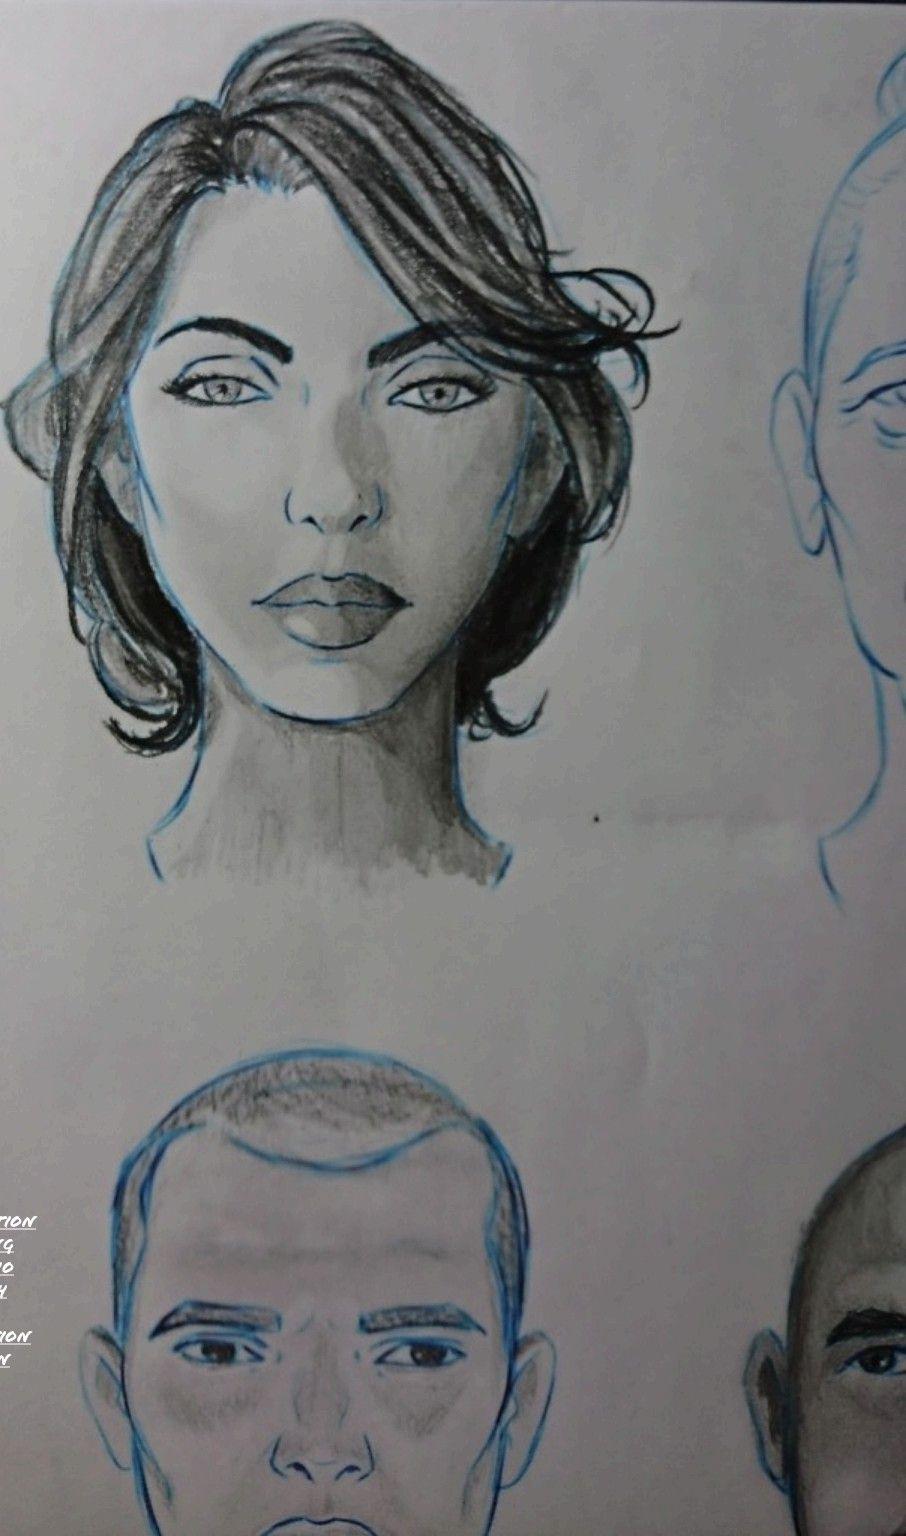 Estudo de realismo, com aplicação de luz e sombra.